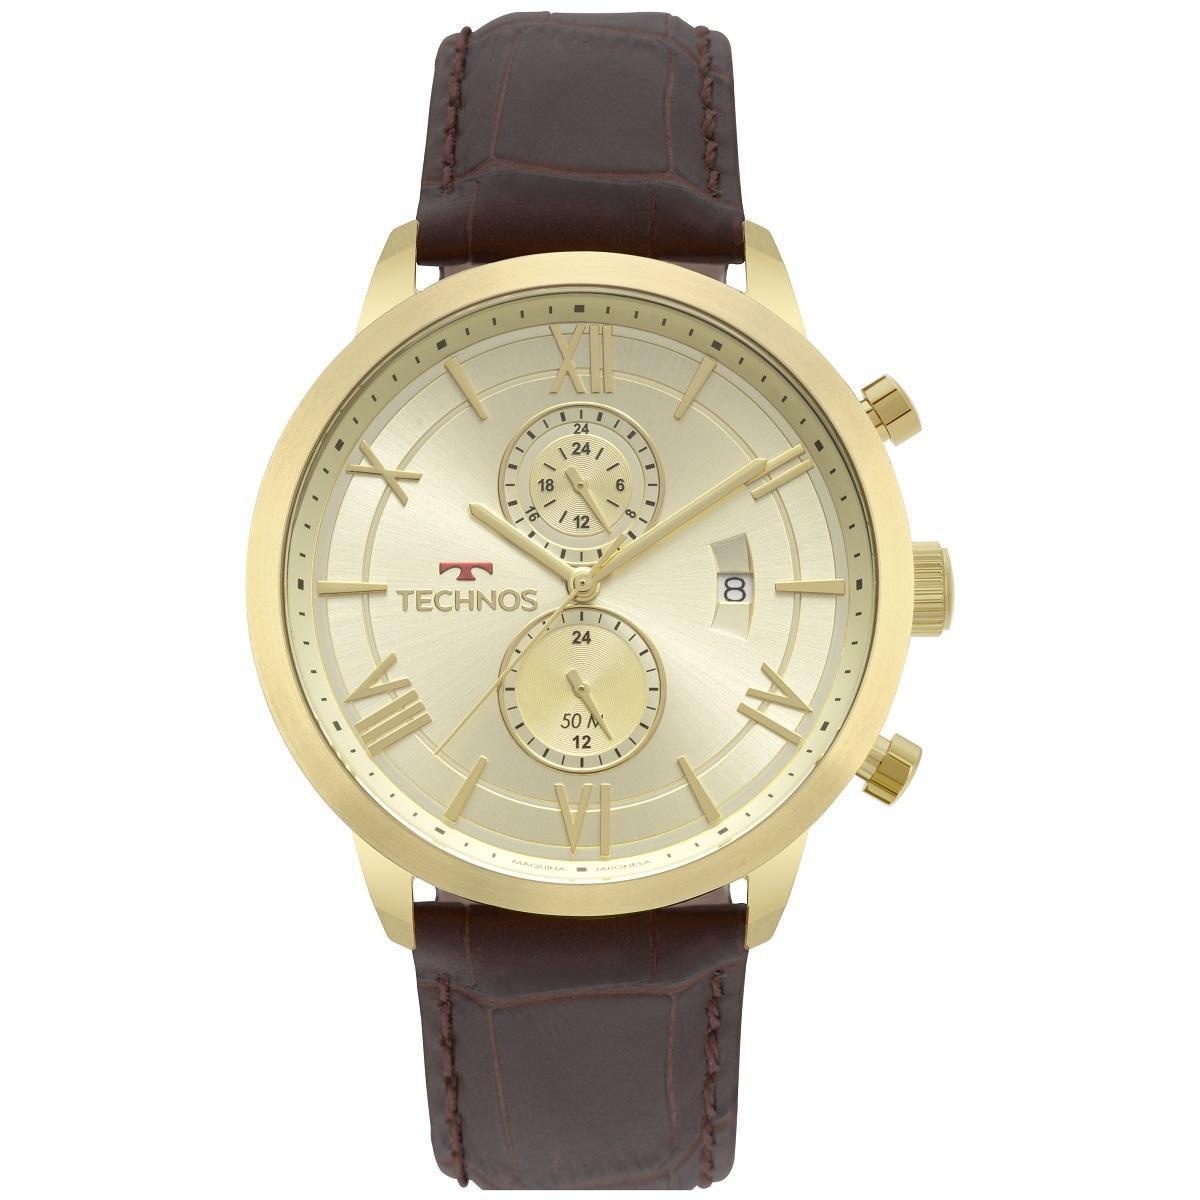 Relógio Masculino Technos Classic GrandTech JP11AD/4X 48mm Couro Marrom